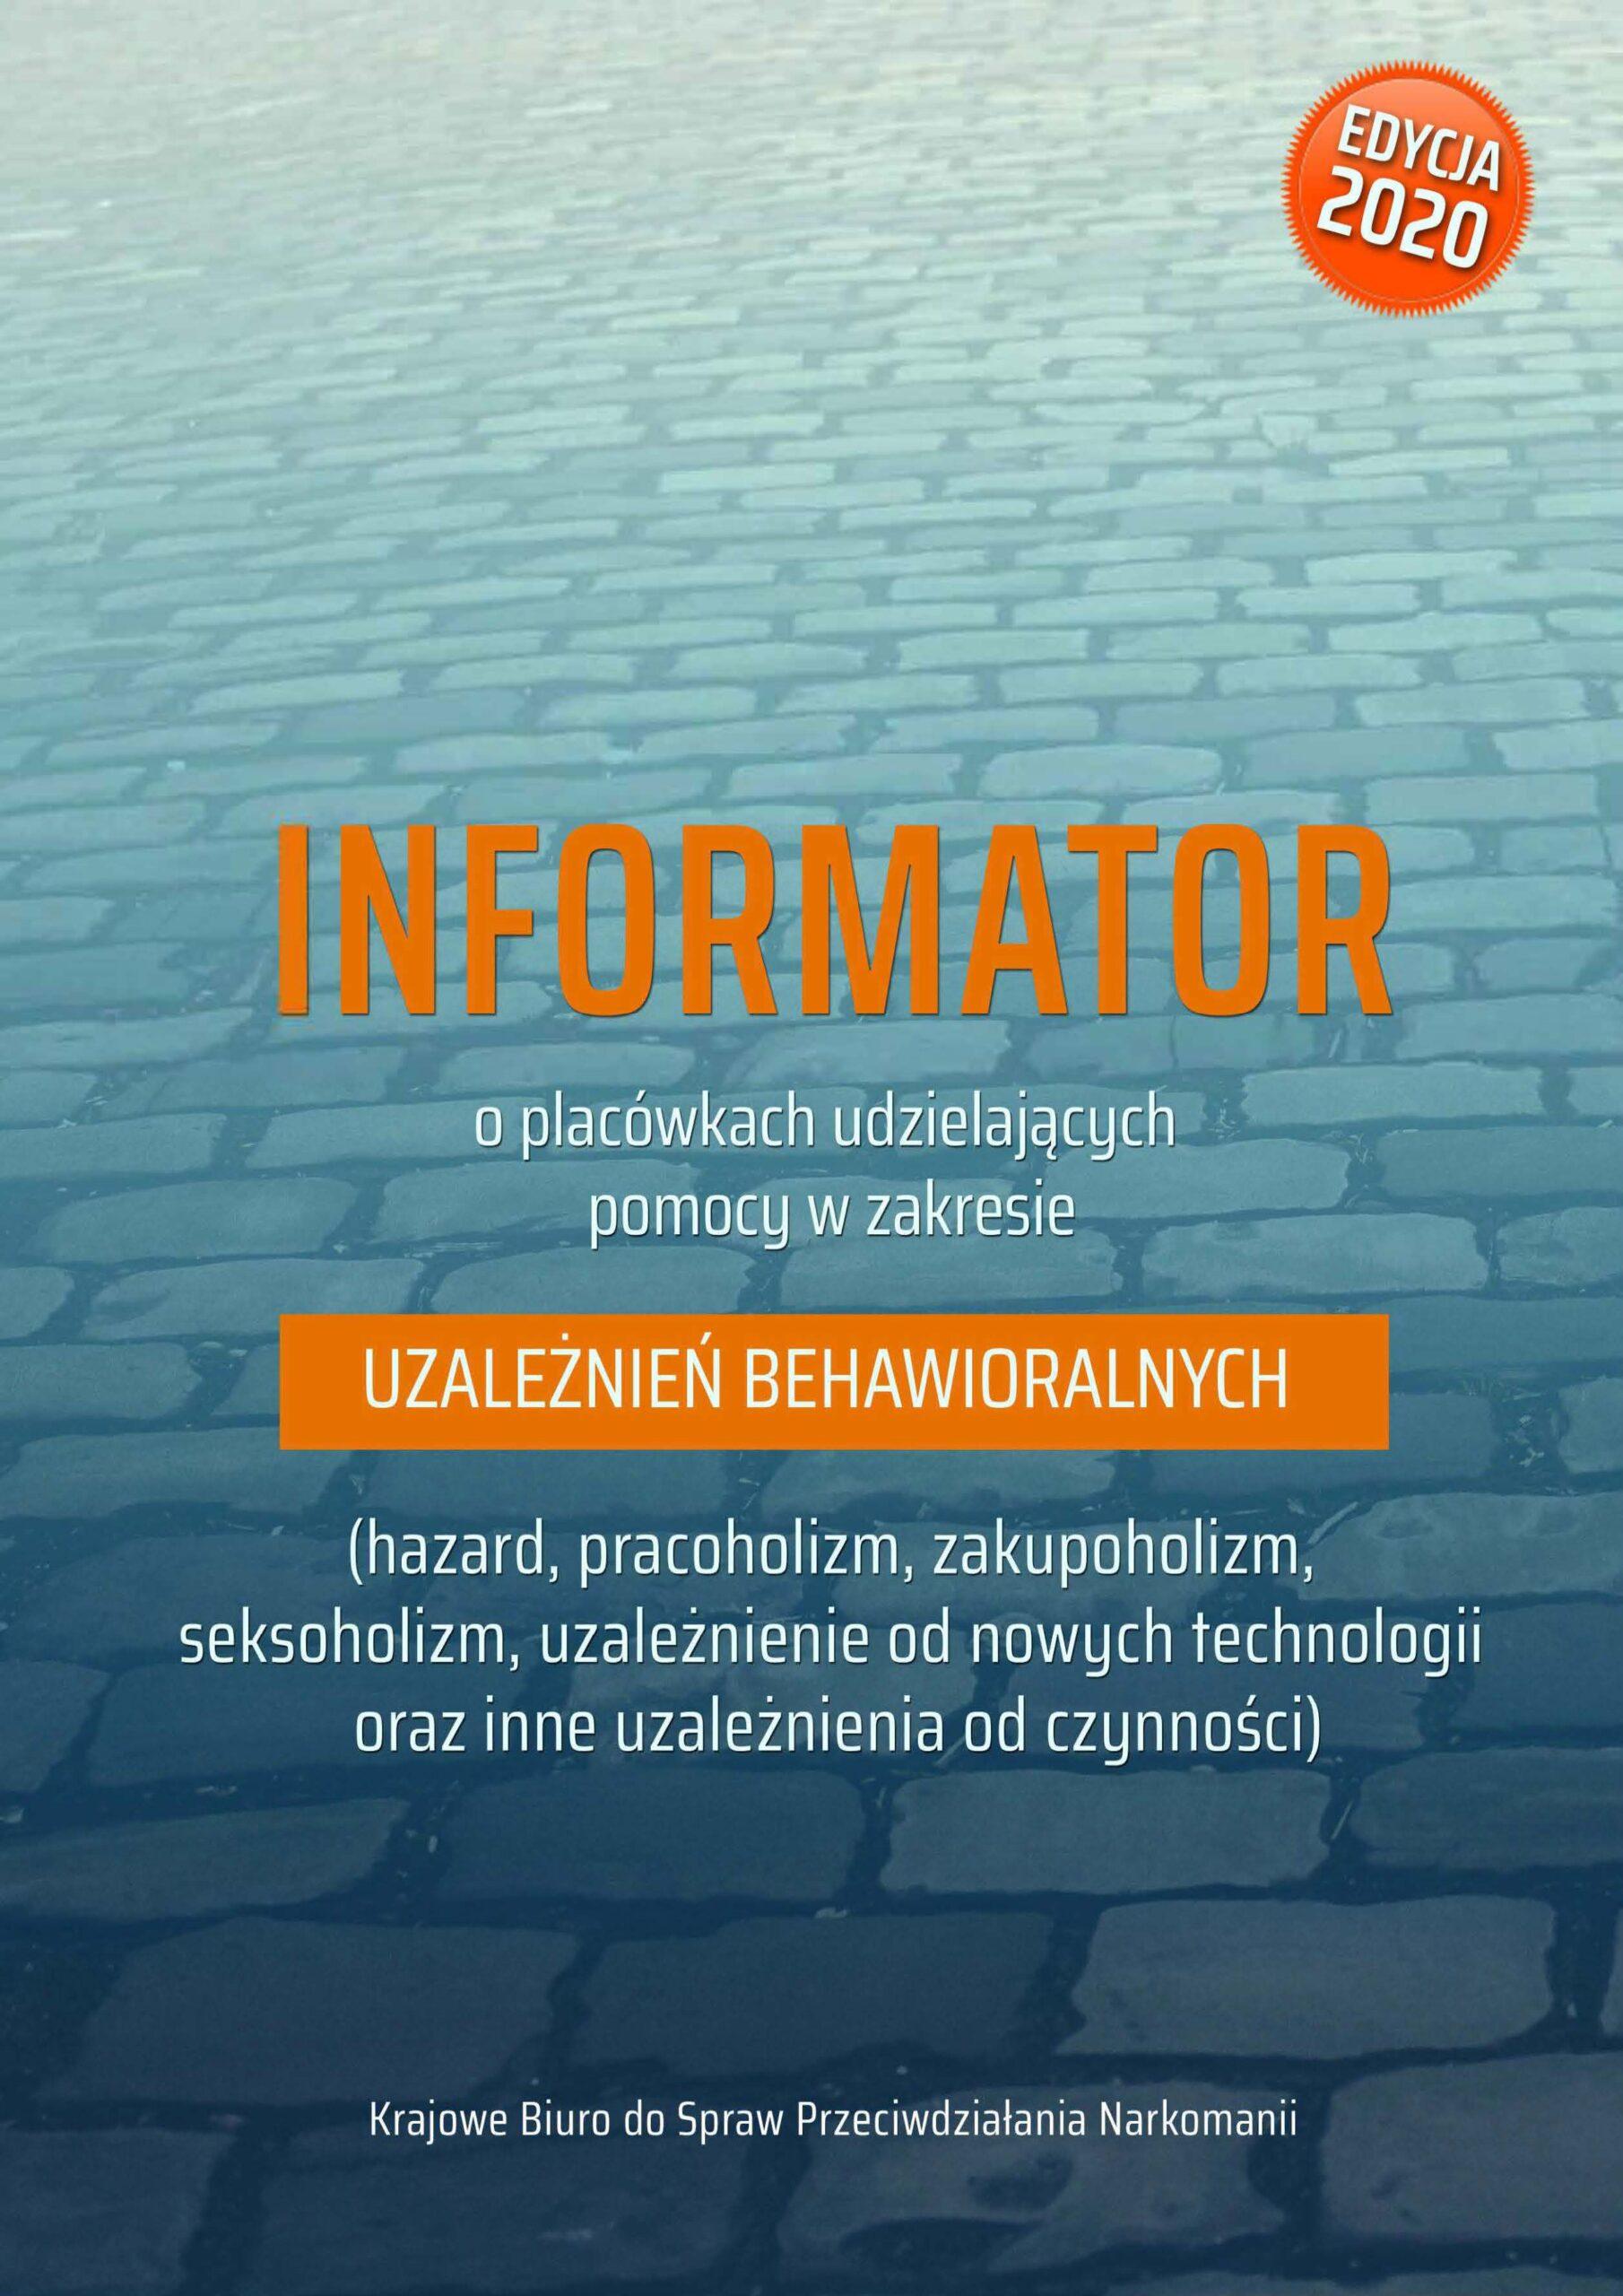 Informator o placówkach udzielających pomocy w zakresie uzależnień od hazardu i innych uzależnień behawioralnych